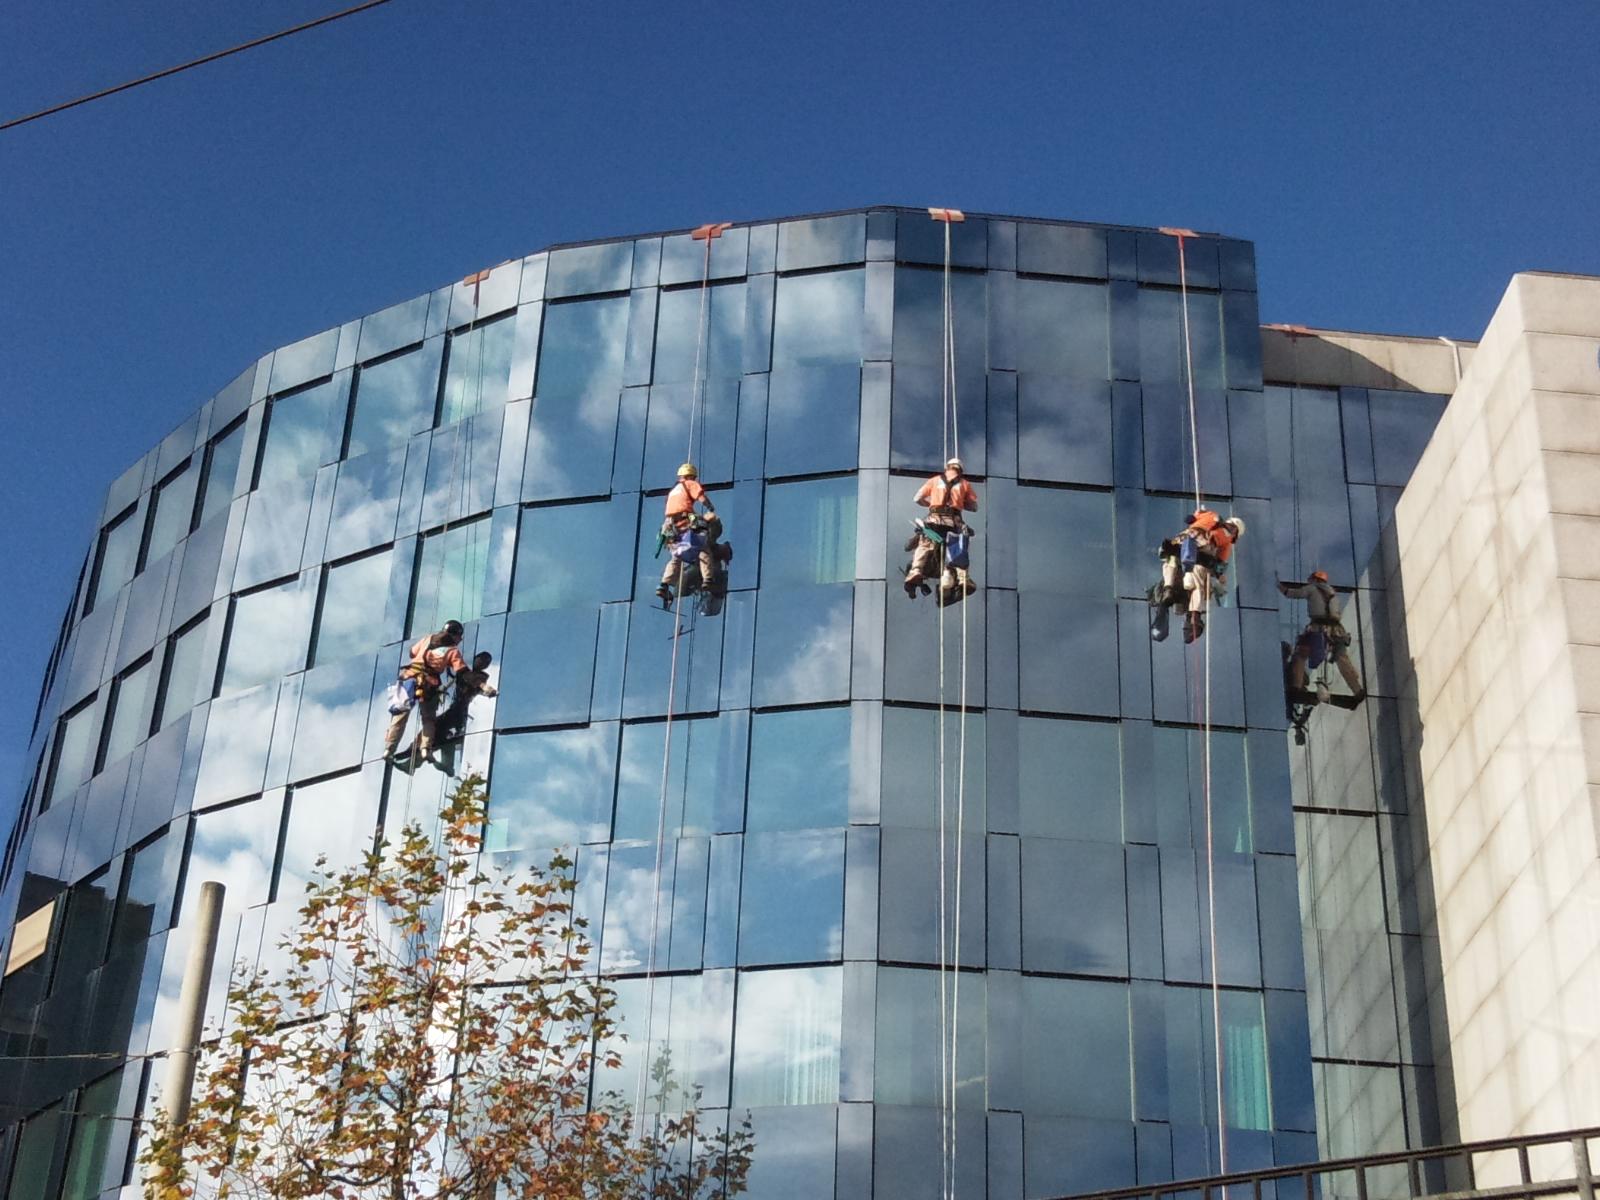 Reinigung am Seil Abseilen Höhenarbeiter Gebäudealpinisten